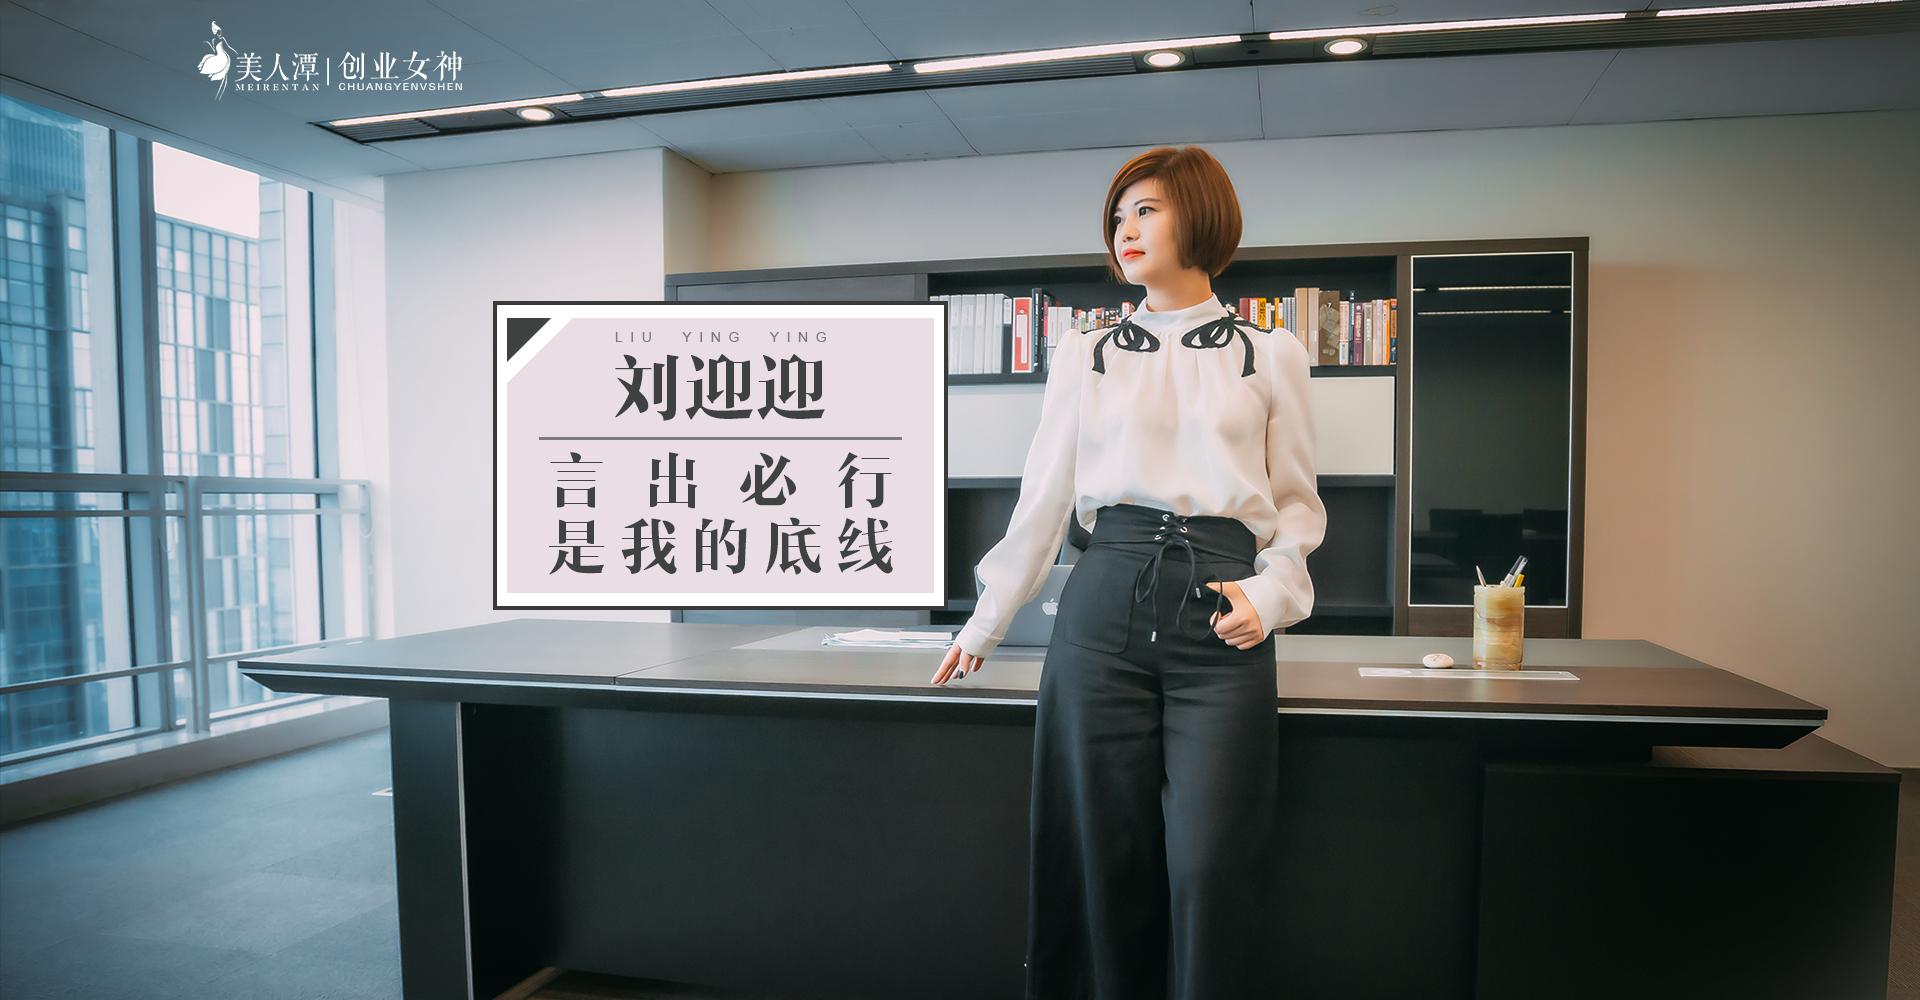 刘迎迎:言出必行是我的底线